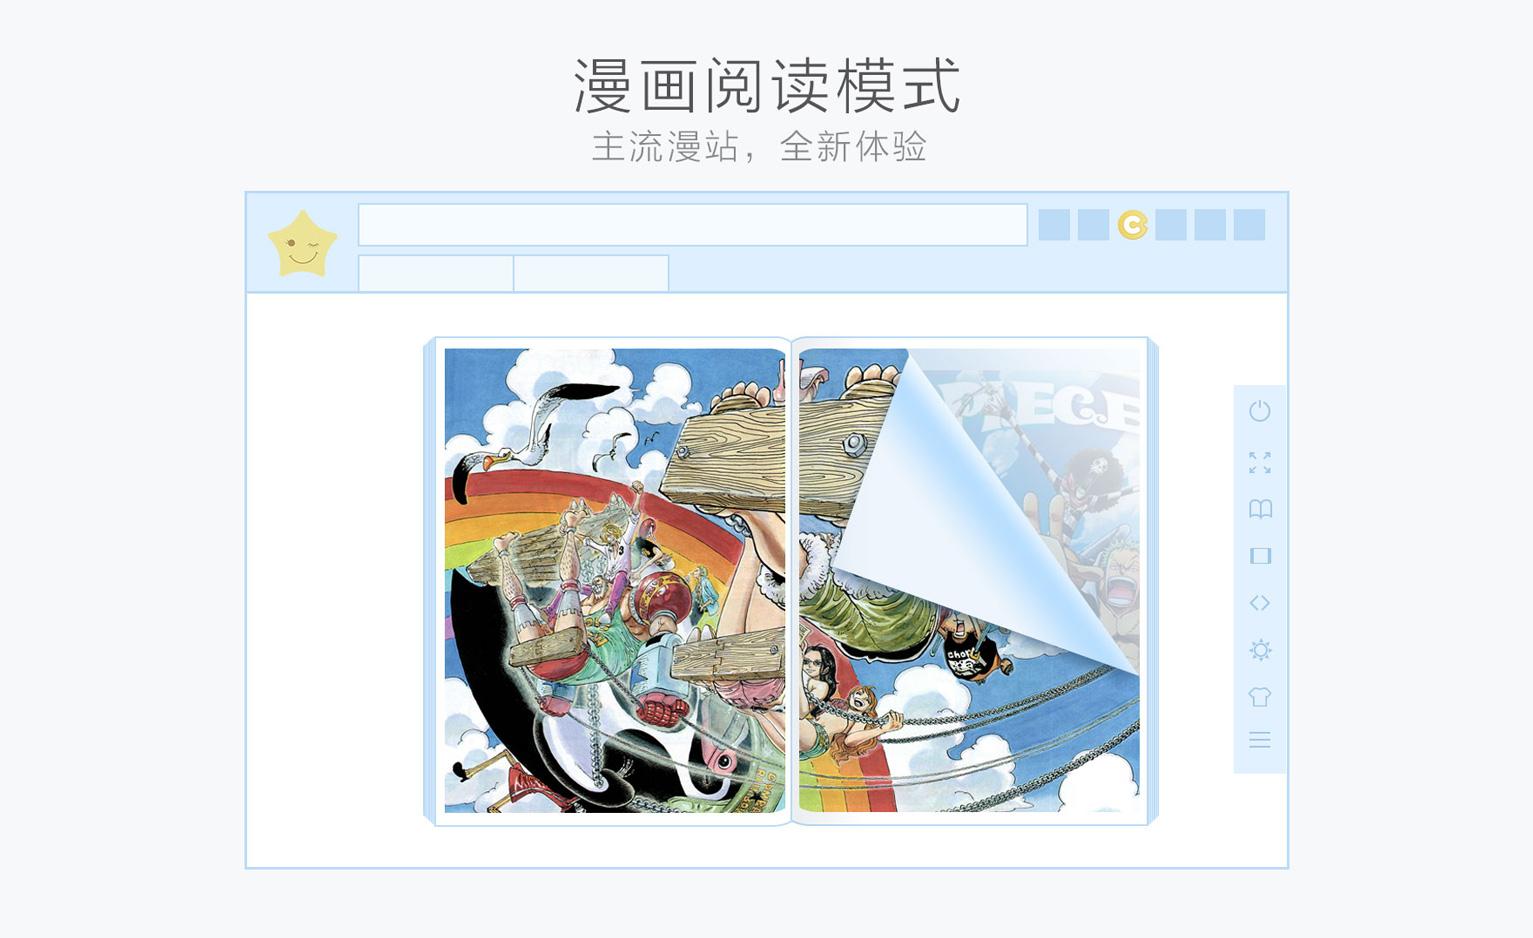 漫畫閱讀模式+漫畫搜索+去視頻廣告=星愿瀏覽器